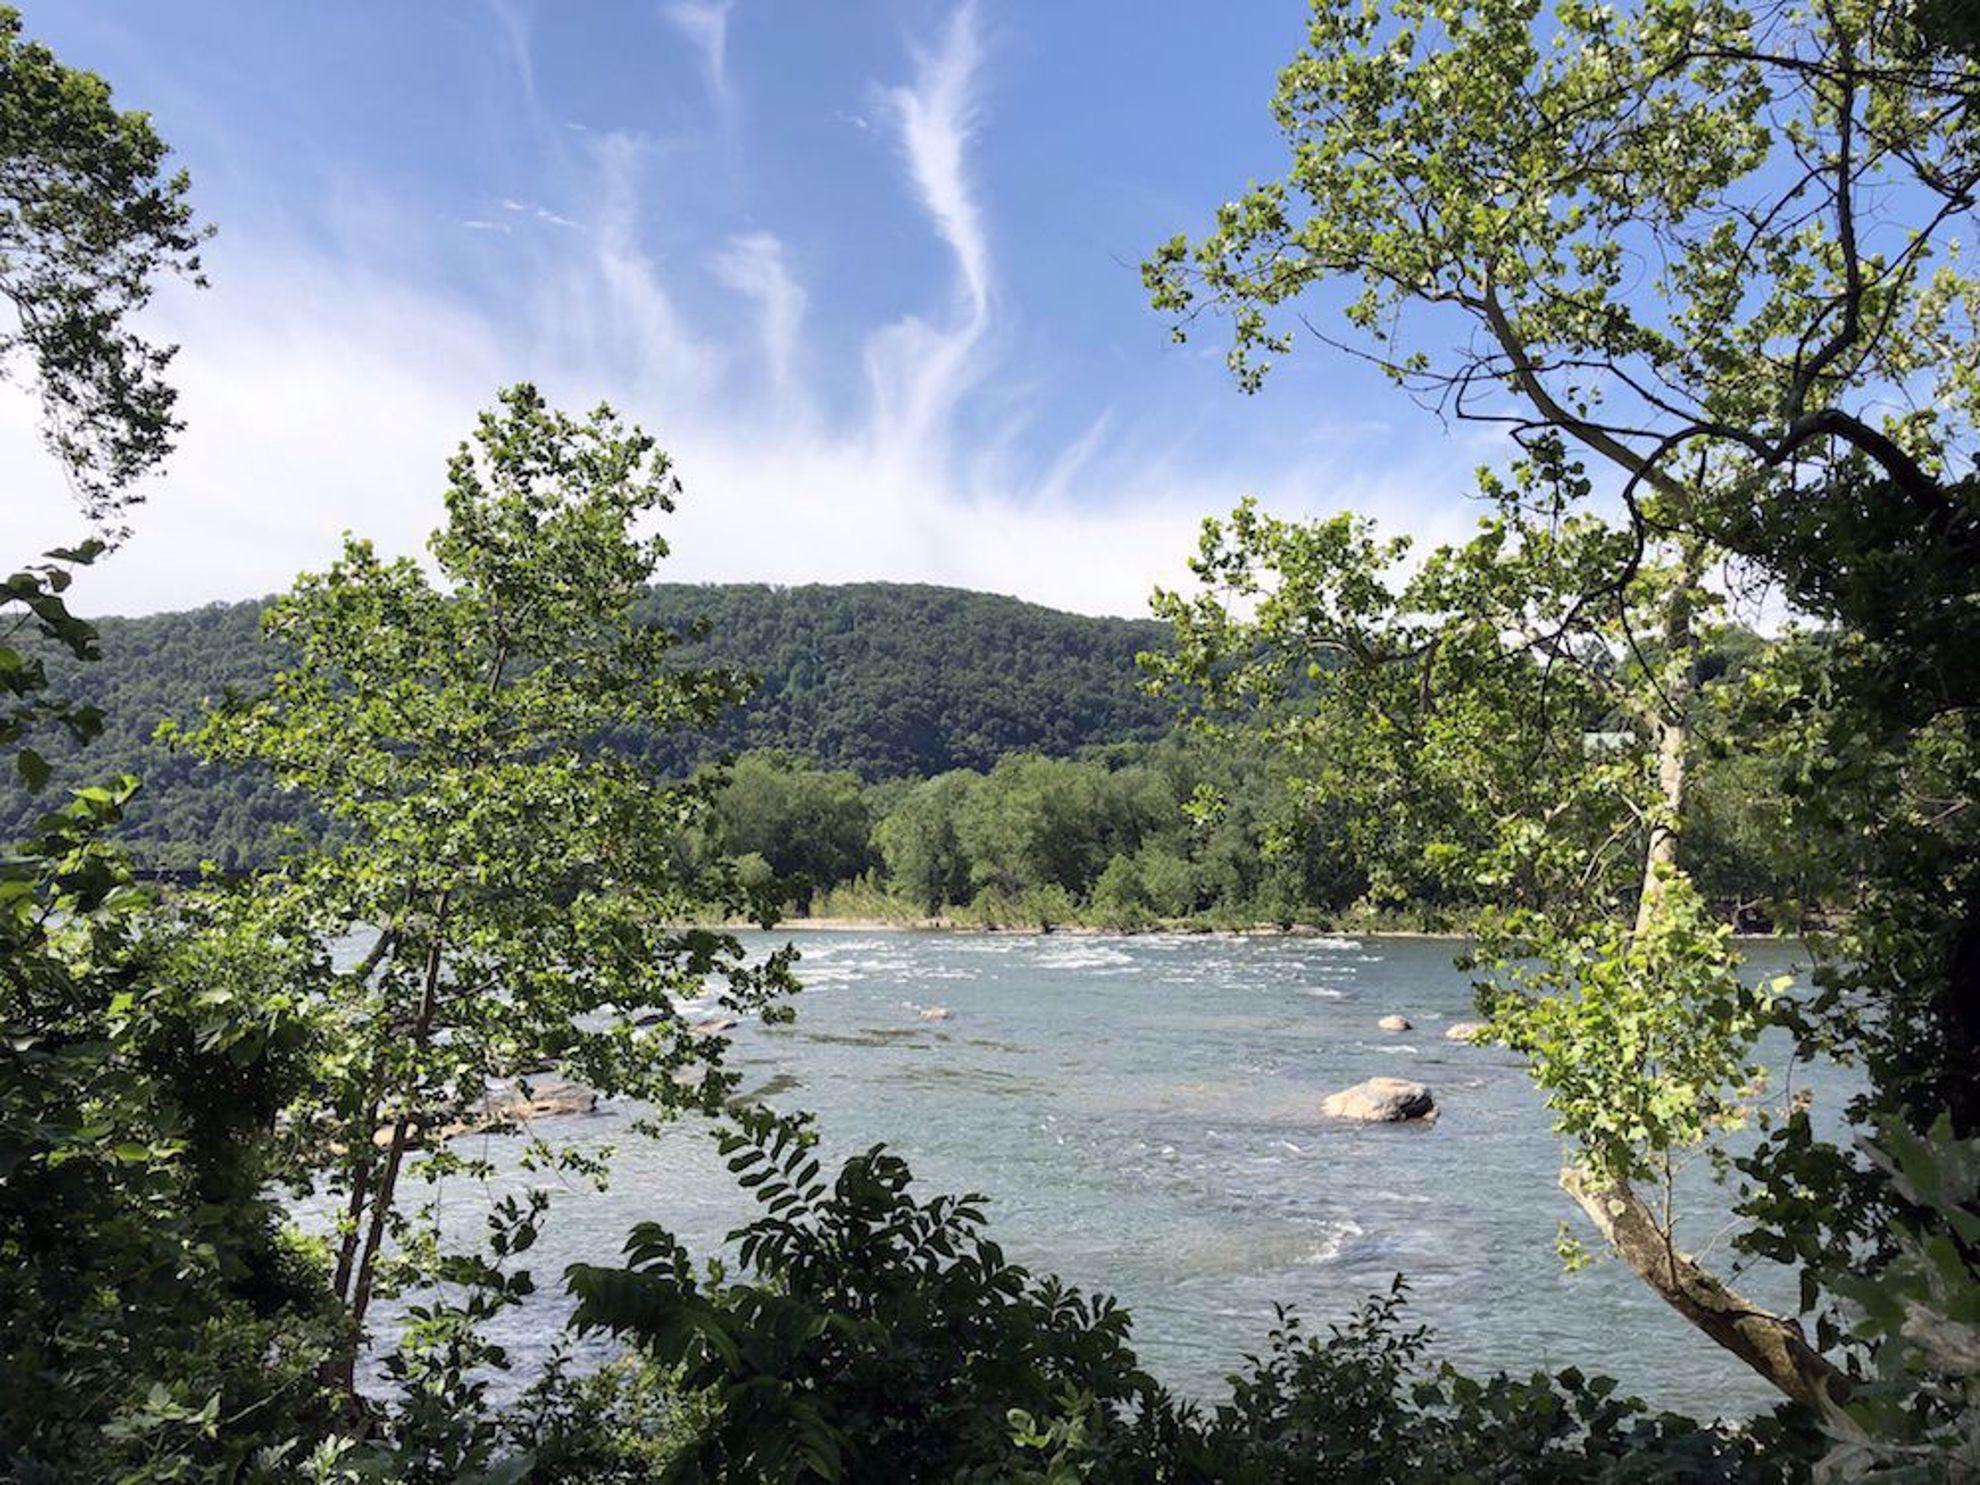 Potomac River view